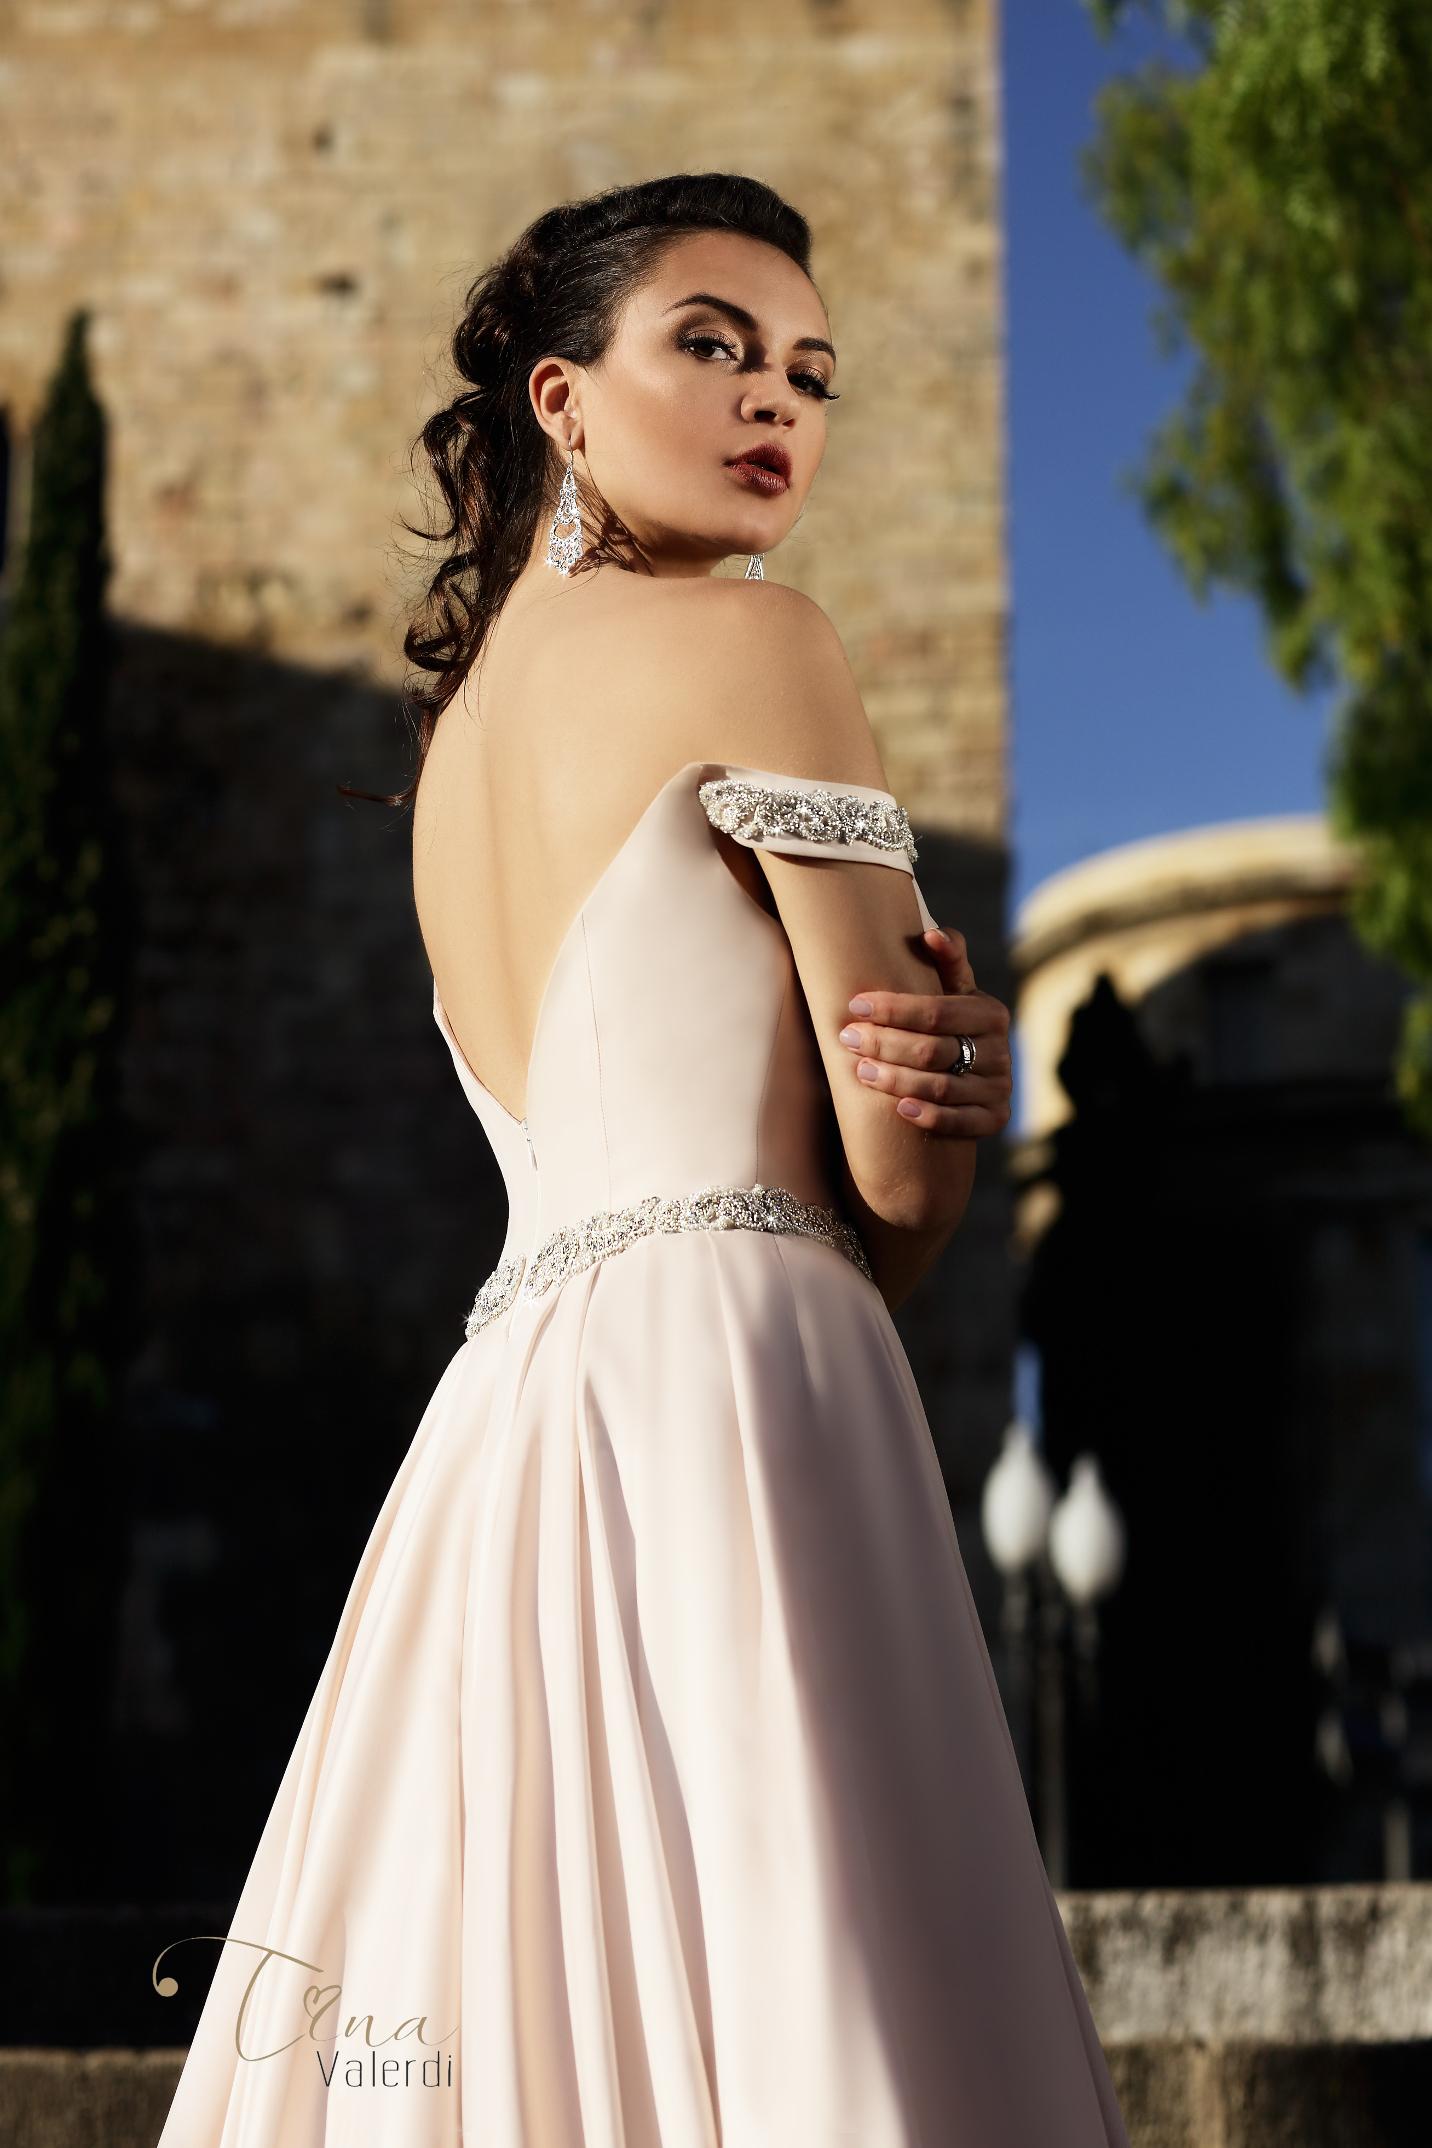 vestuvines sukneles tina valerdi Marisa3